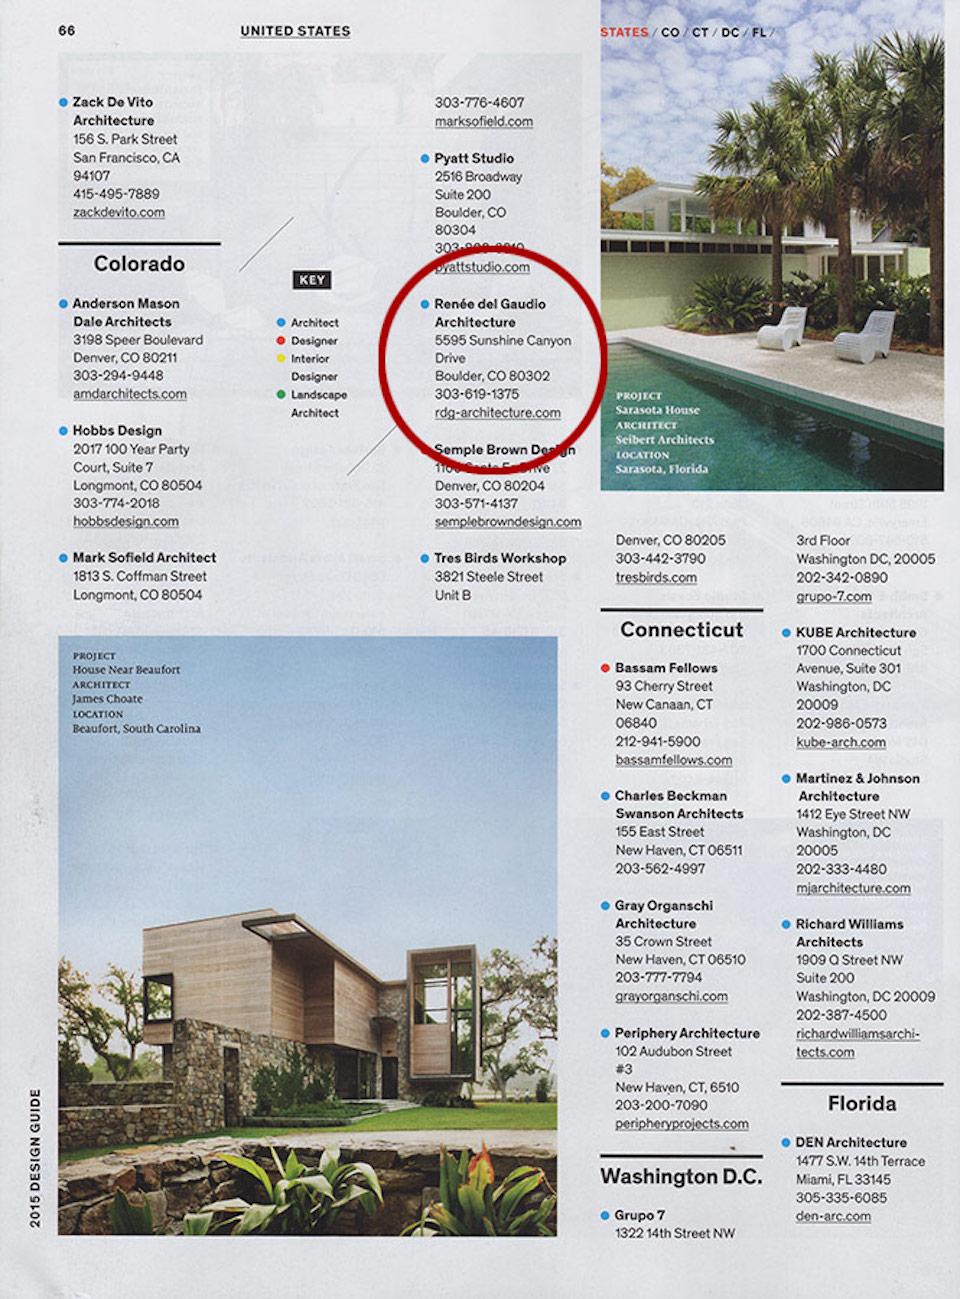 Dwell Design Guide | Press for Renée del Gaudio Architecture.